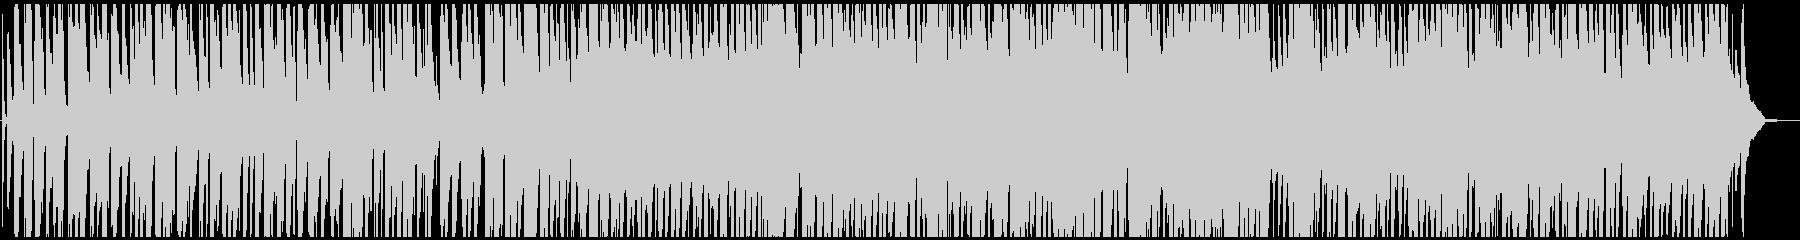 クールで軽快なジャズカルテットの未再生の波形